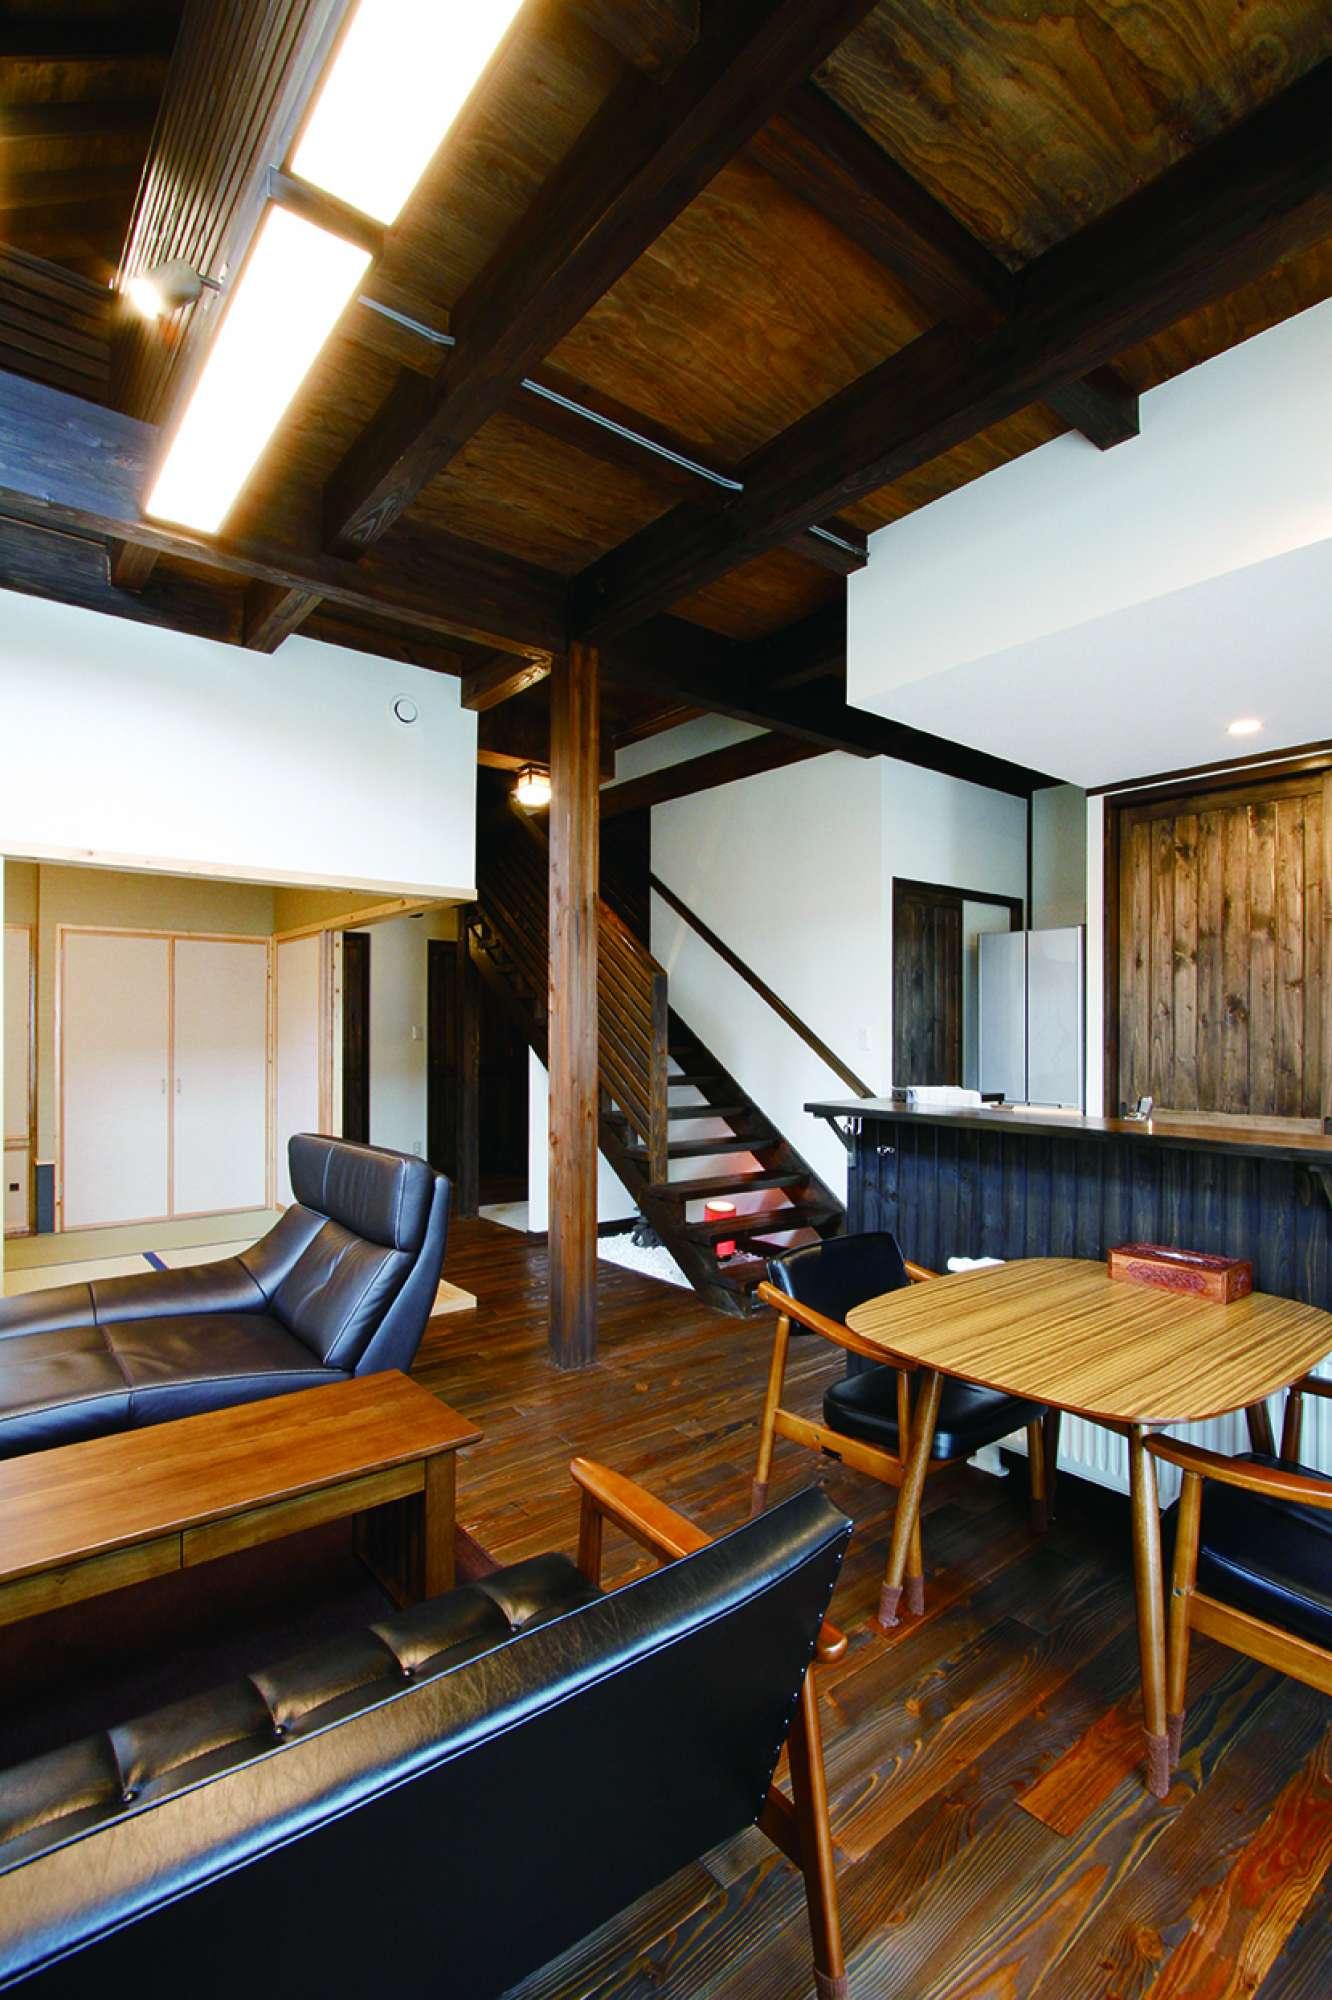 リビングから見た階段方向。玄関からキッチンへの動線も便利 -  -  -